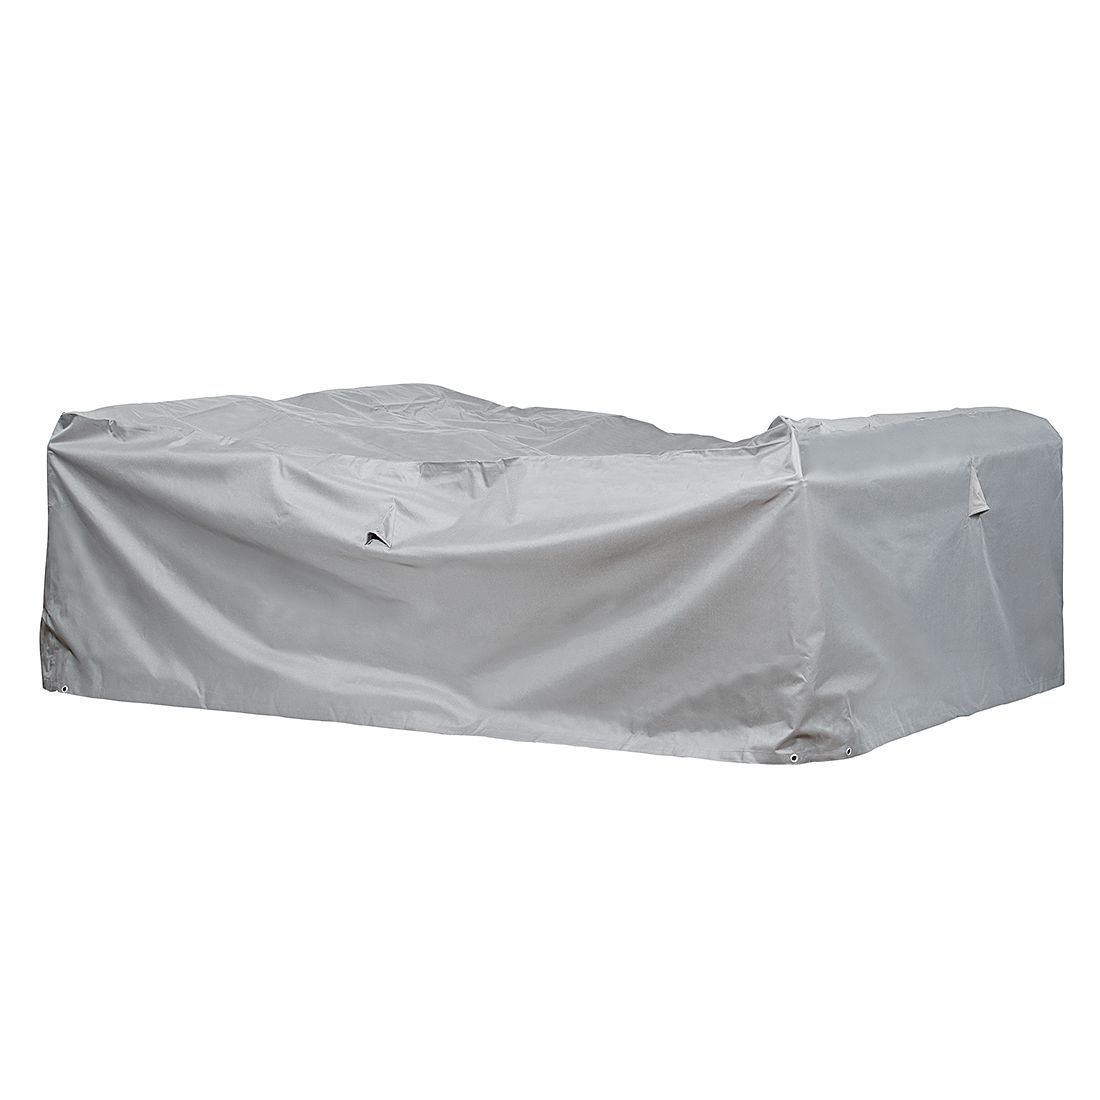 Schutzhülle Premium für Eck-Loungegruppe (255 x 255 cm) - Polyester, mehr Garten